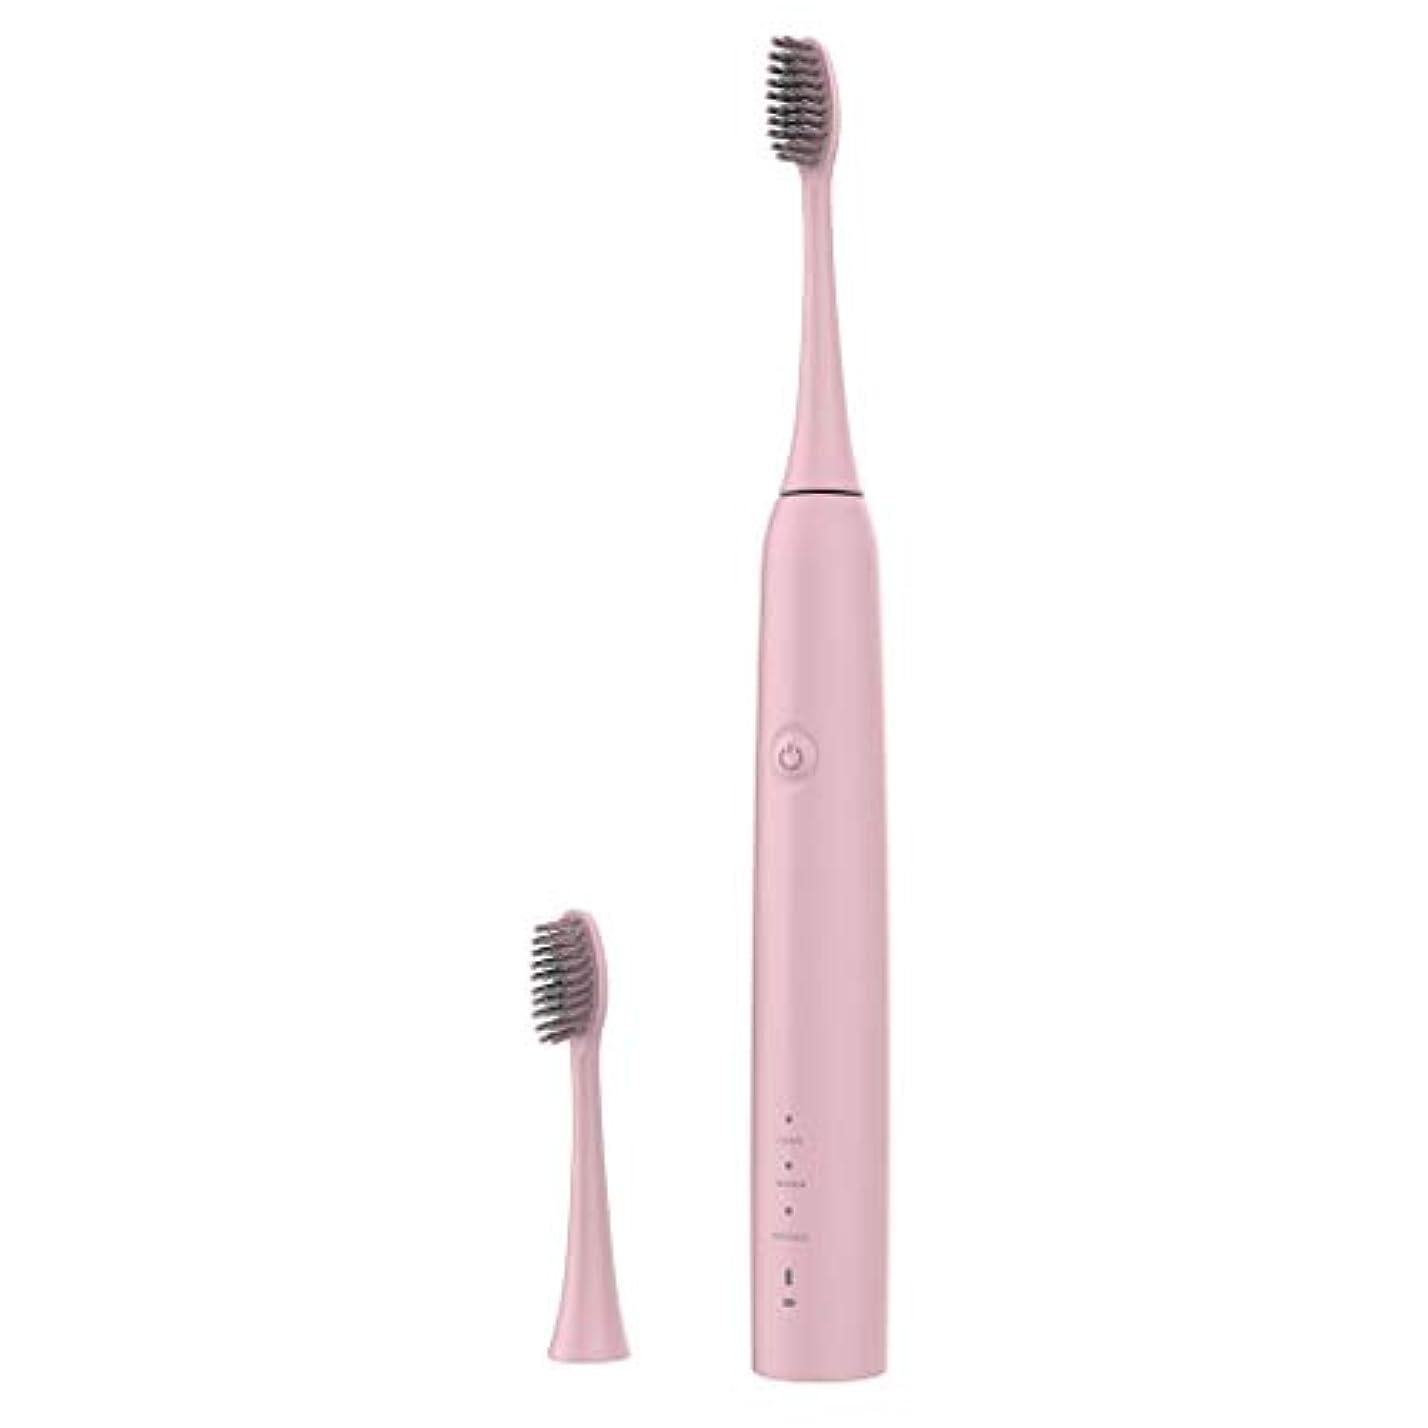 降臨曲線汚染Lazayyii 新しいT2P電動歯ブラシ 携帯用 口腔衛生 電気マッサージ 口腔ケア (ピンク)